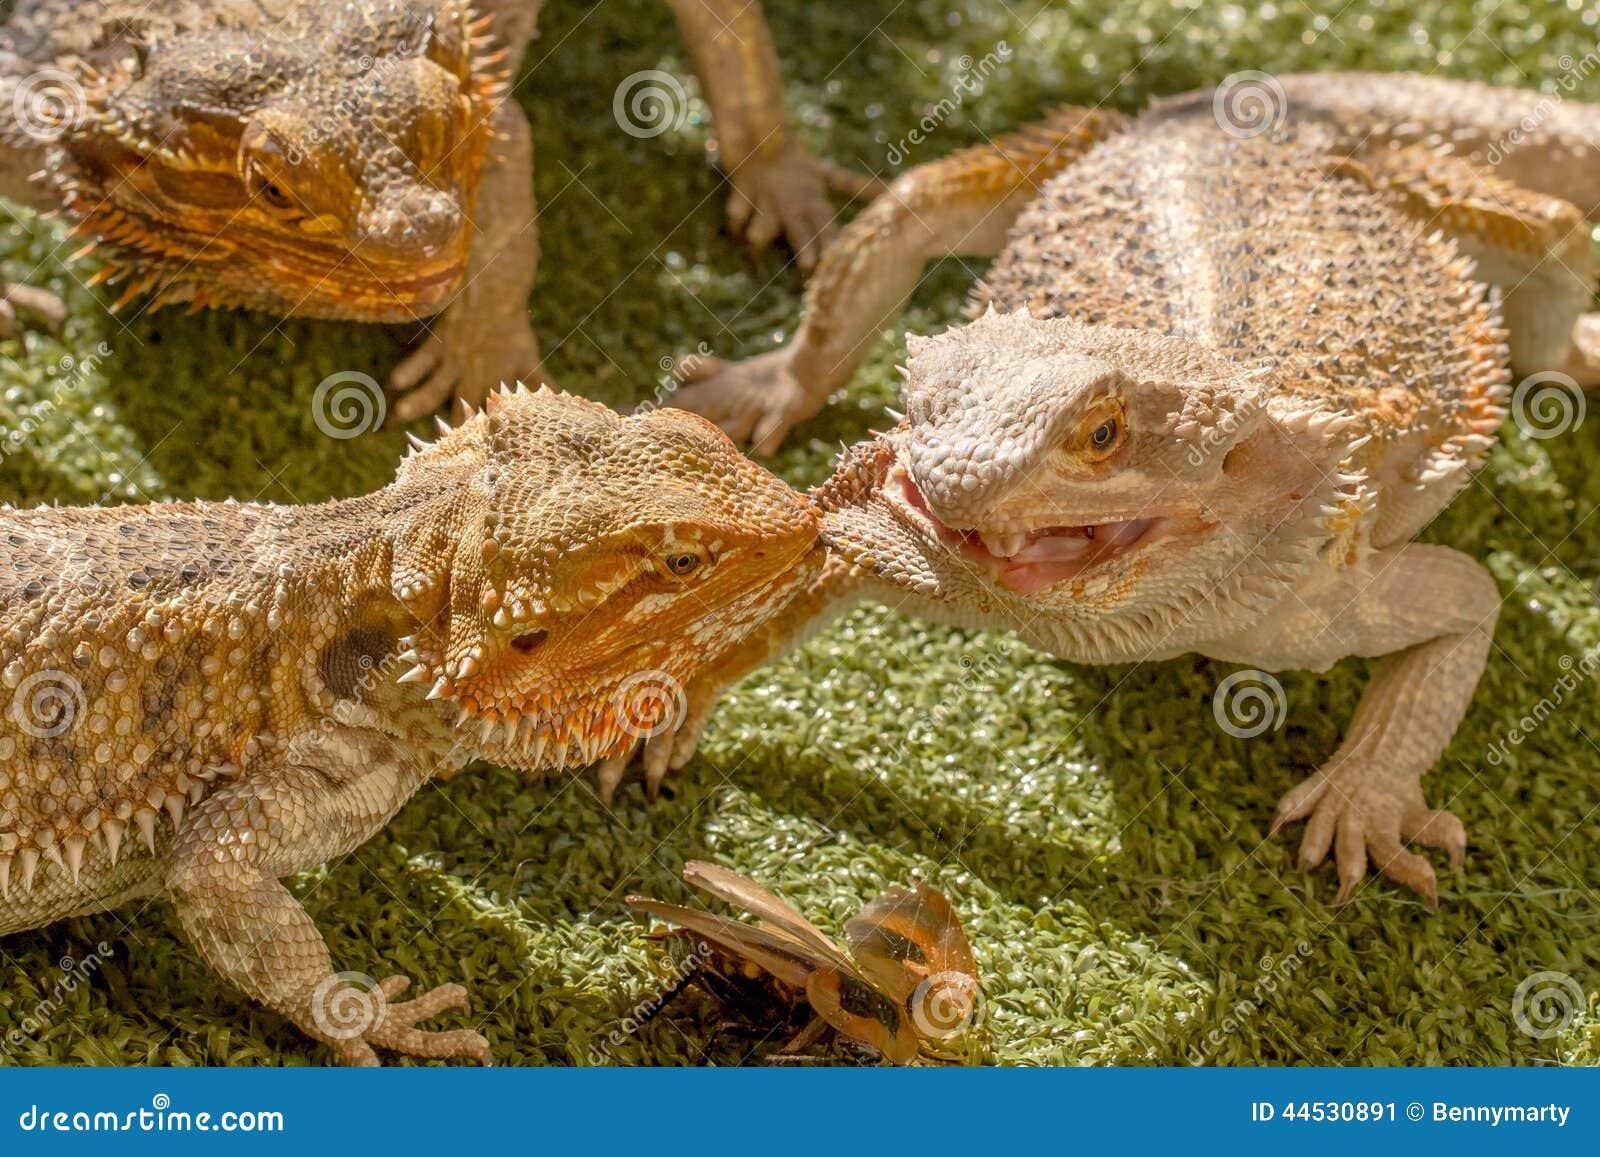 争夺食物的爬行动物